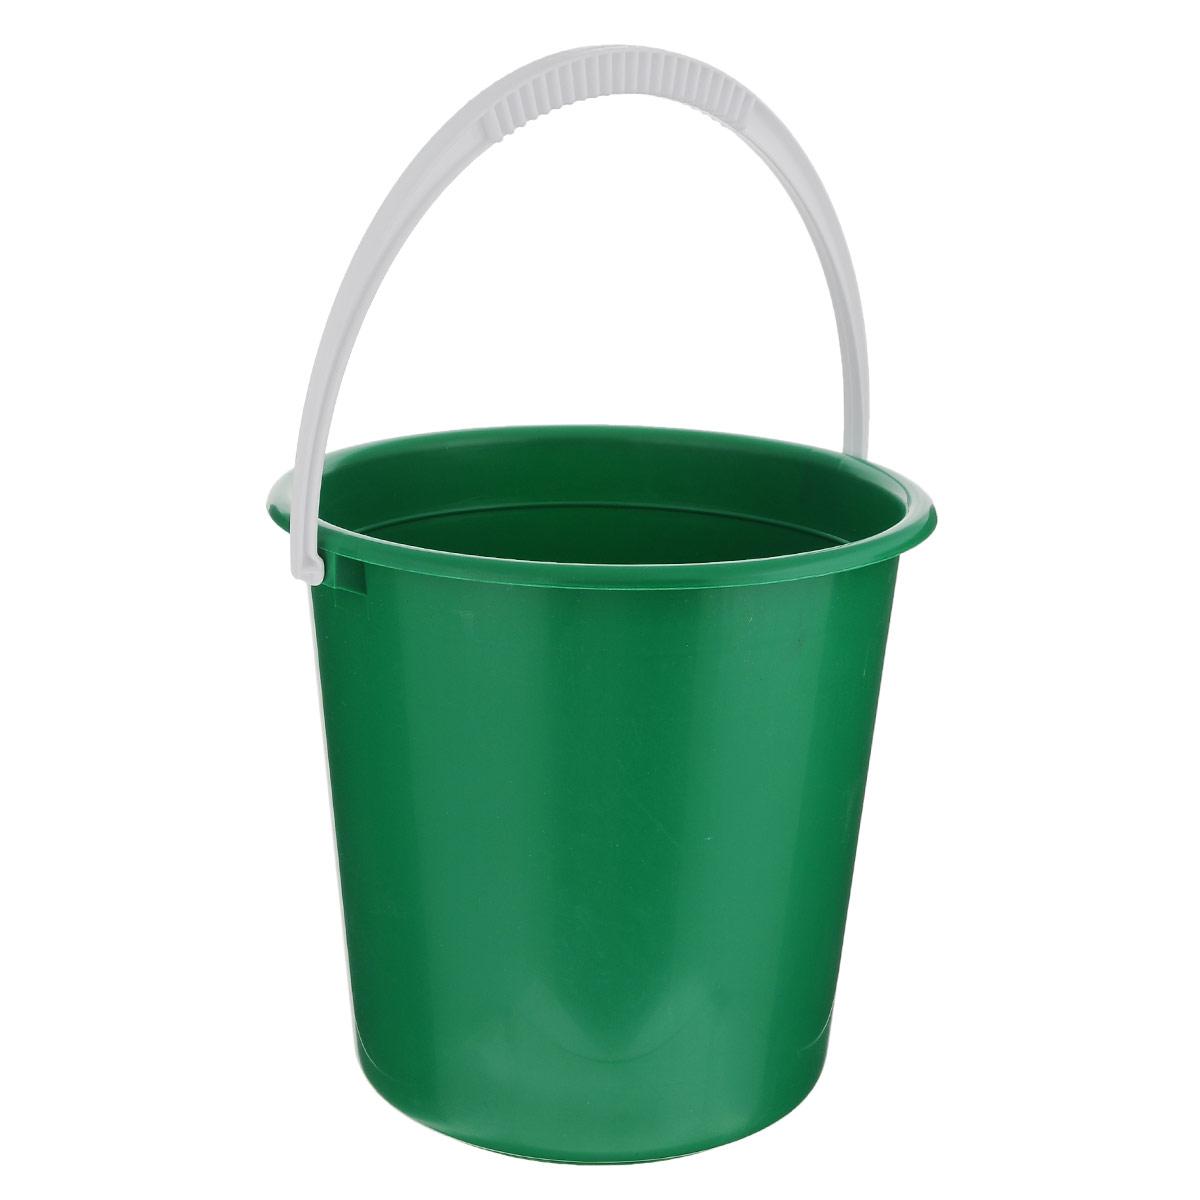 Ведро Альтернатива Крепыш, цвет: зеленый, 10 лК117_зеленыйВедро Альтернатива Крепыш изготовлено из высококачественного одноцветногопластика. Оно легче железного и не подвержено коррозии.Ведро оснащено удобной пластиковой ручкой. Такое ведро станет незаменимымпомощником в хозяйстве.Диаметр: 28 см. Высота: 27 см.